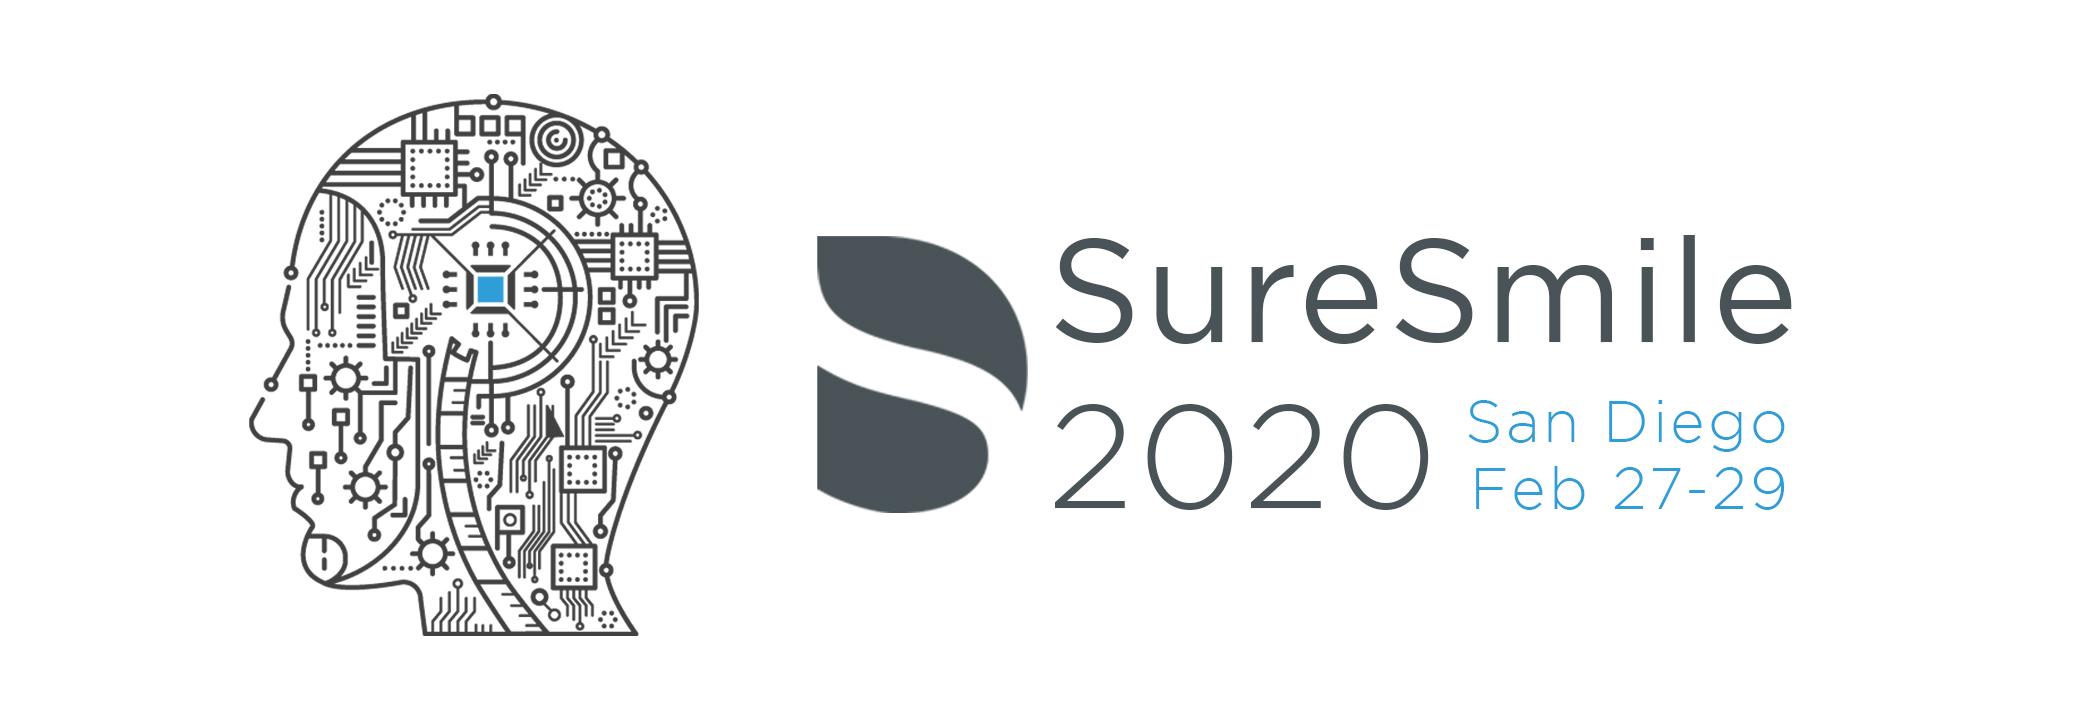 SureSmile 2020 User Conference